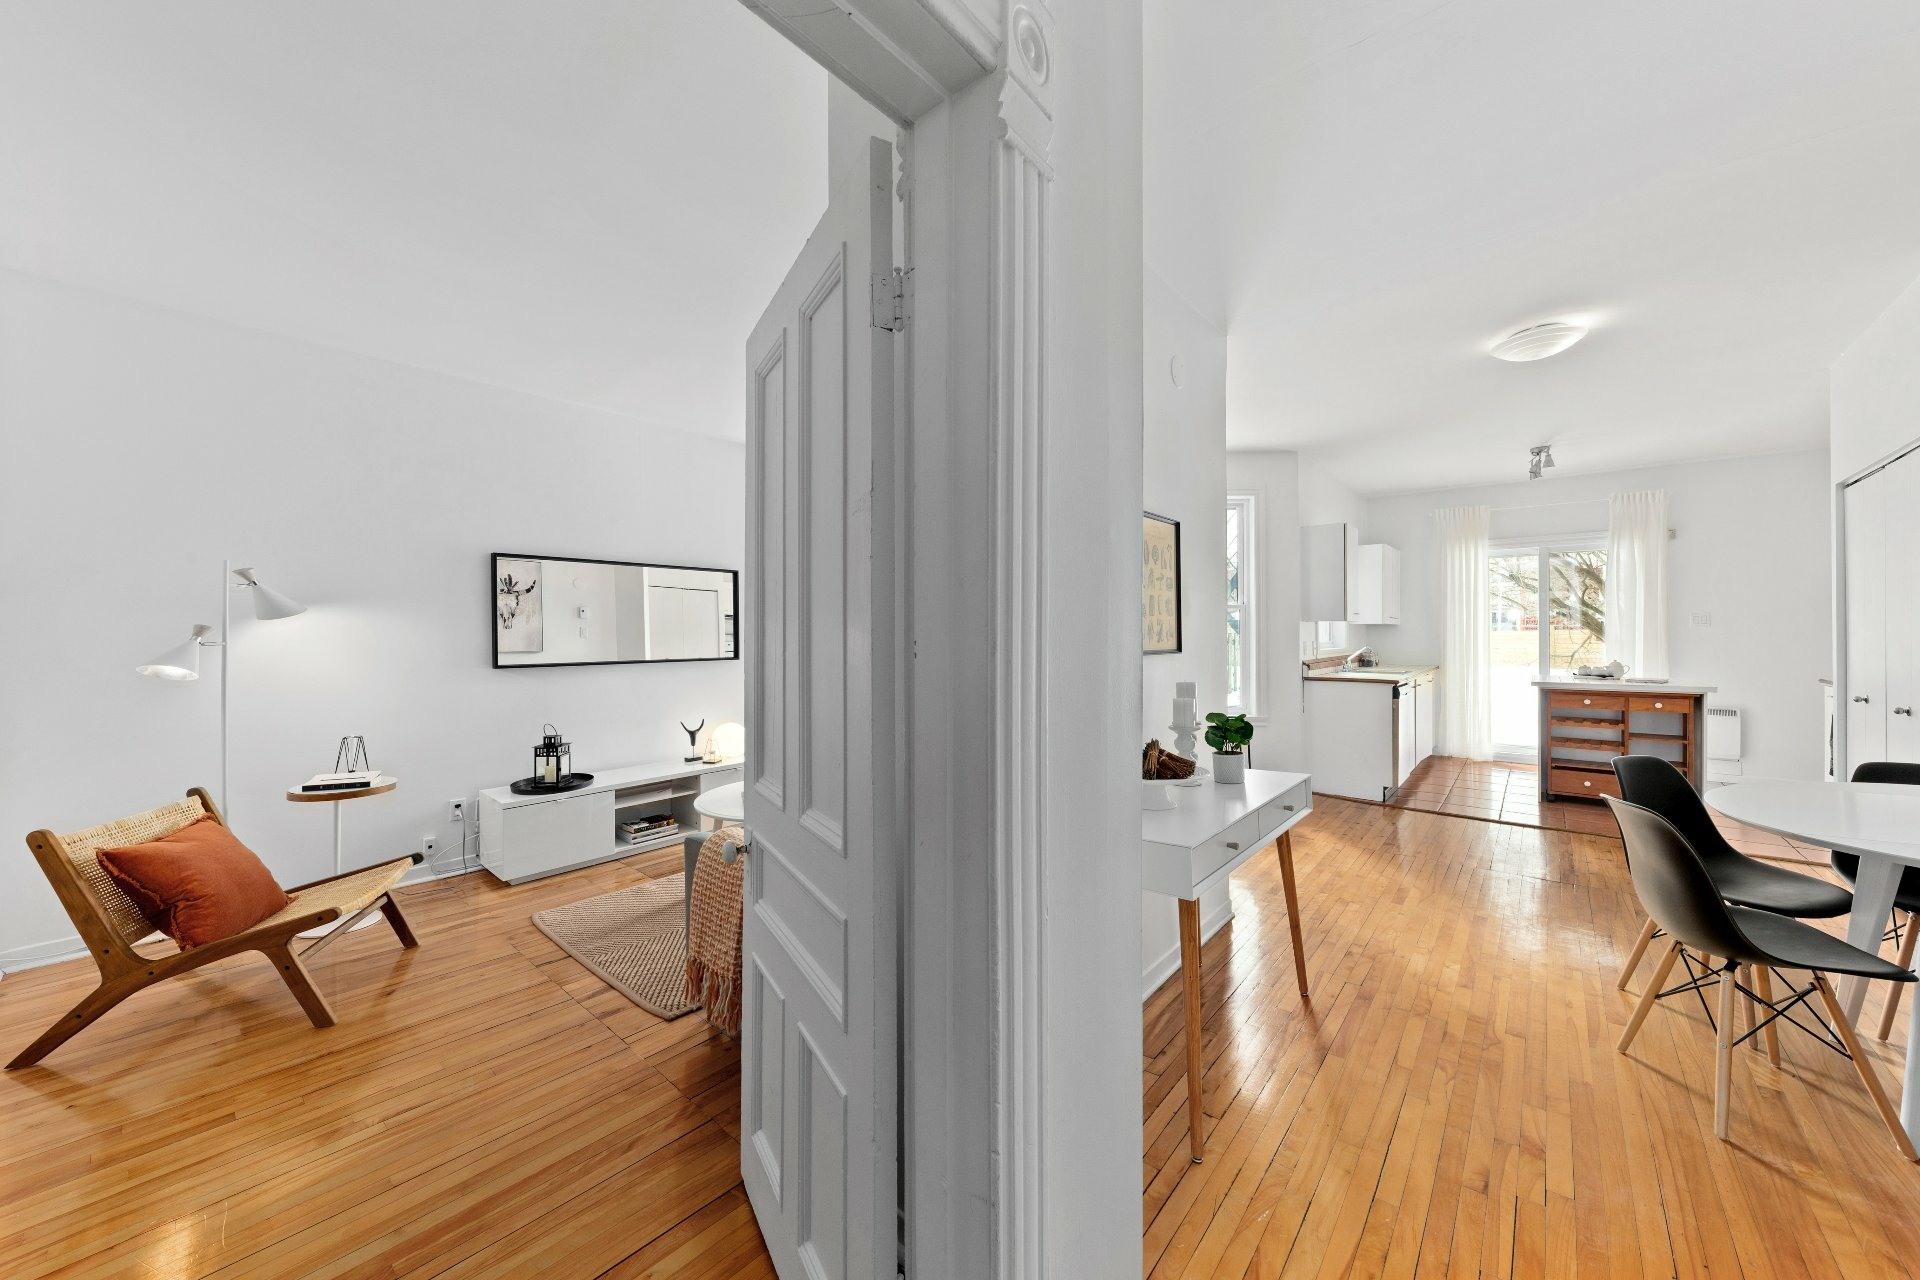 image 6 - Duplex For sale Le Plateau-Mont-Royal Montréal  - 5 rooms